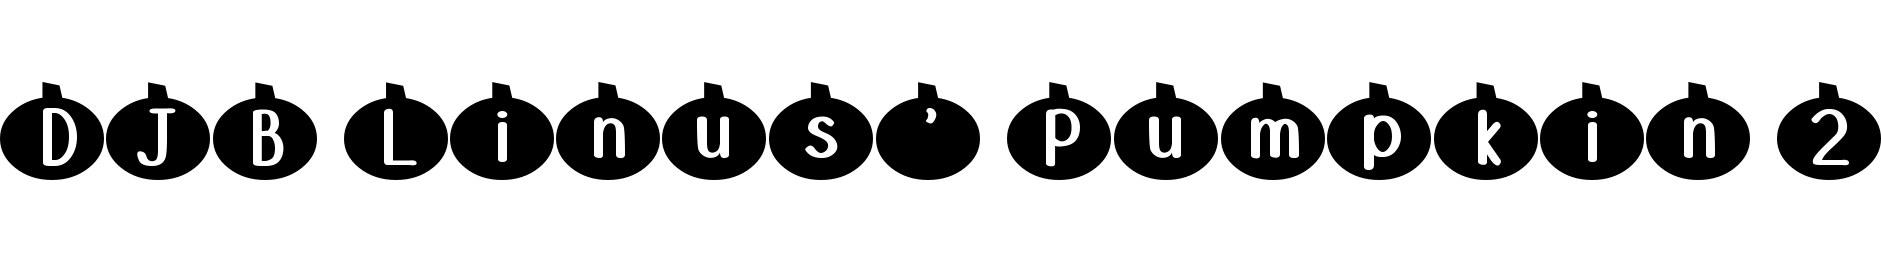 DJB Linus' Pumpkin 2